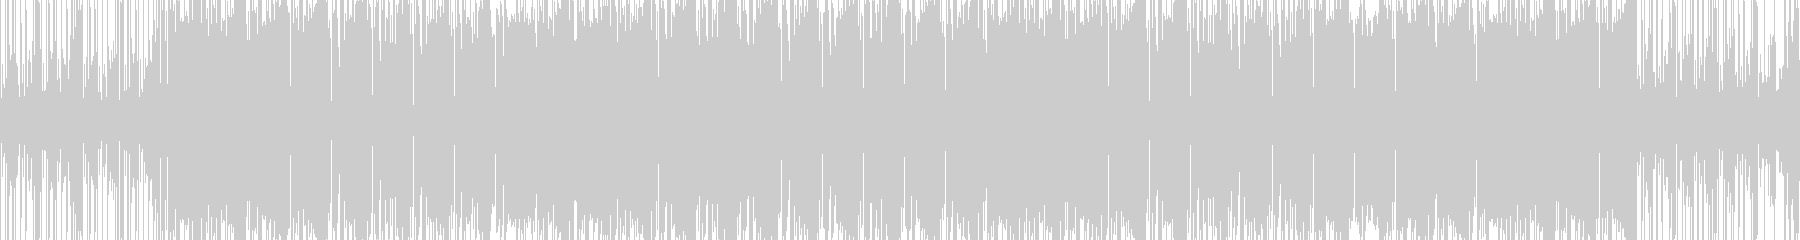 エレクトロポップ。重要な役割を果た...の未再生の波形